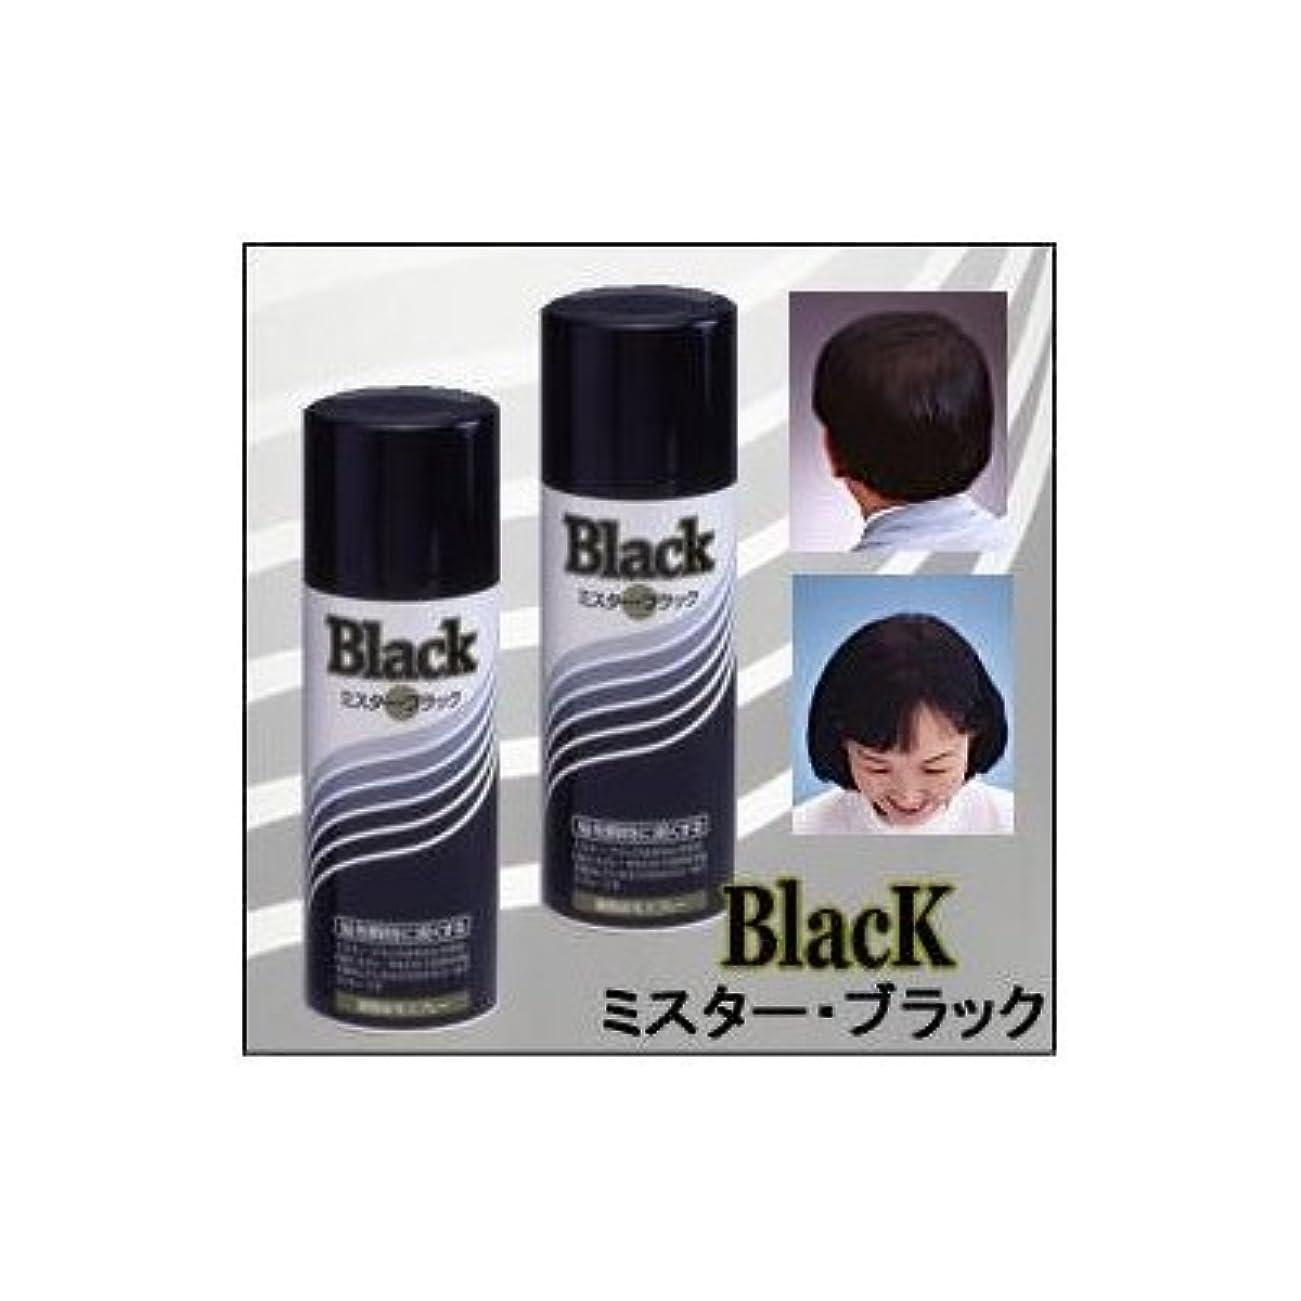 再生消化豆『ミスターブラック ? 男女兼用』 薄毛対策スプレー  瞬時に対応 ?染毛料? 日本製 (3本組)